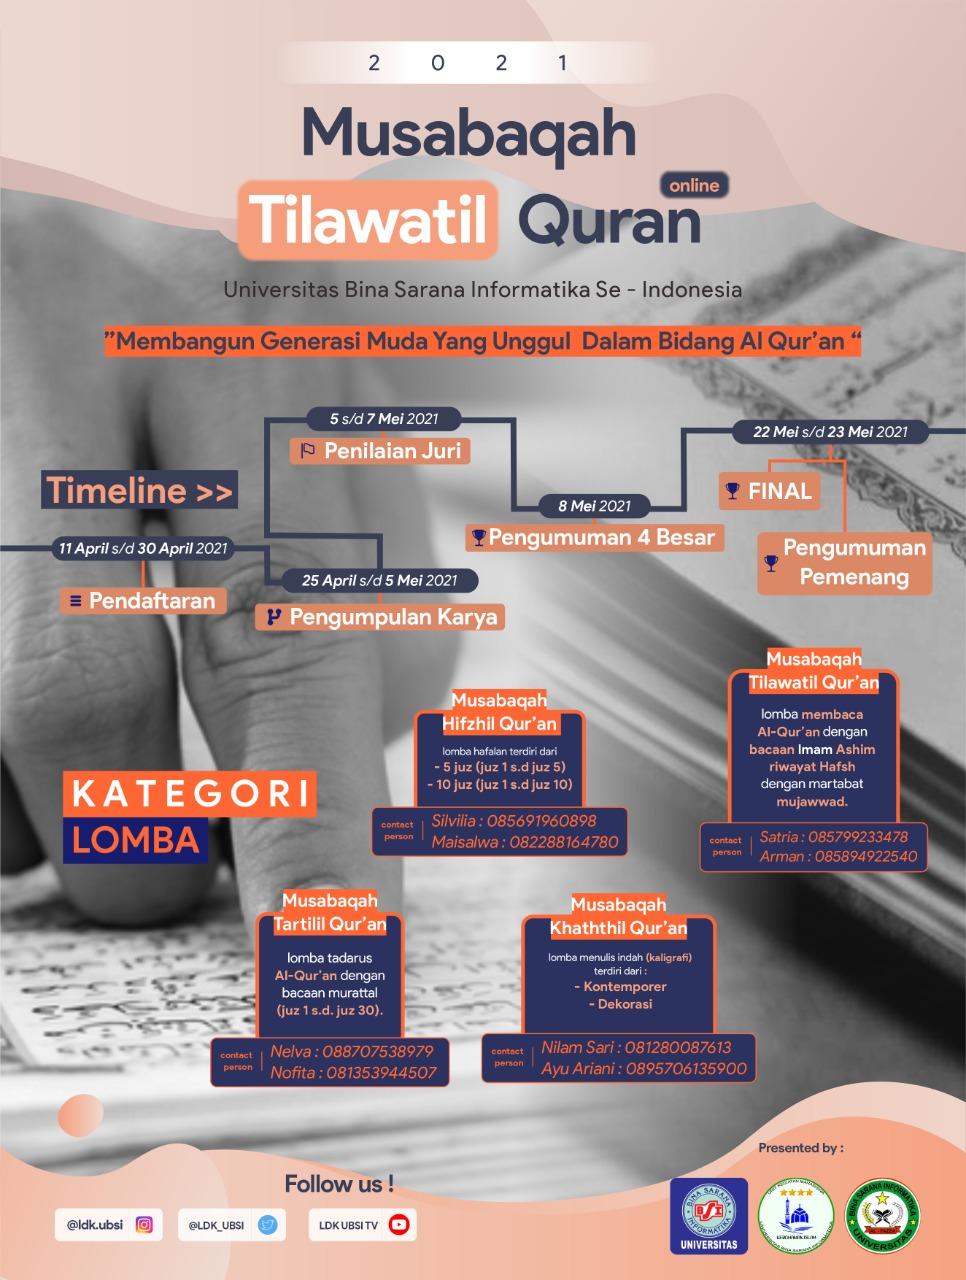 MUSABAQAH TILAWATIL QUR'AN ONLINE 2021 UNIVERSITAS BINA SARANA INFORMATIKA SE-INDONESIA